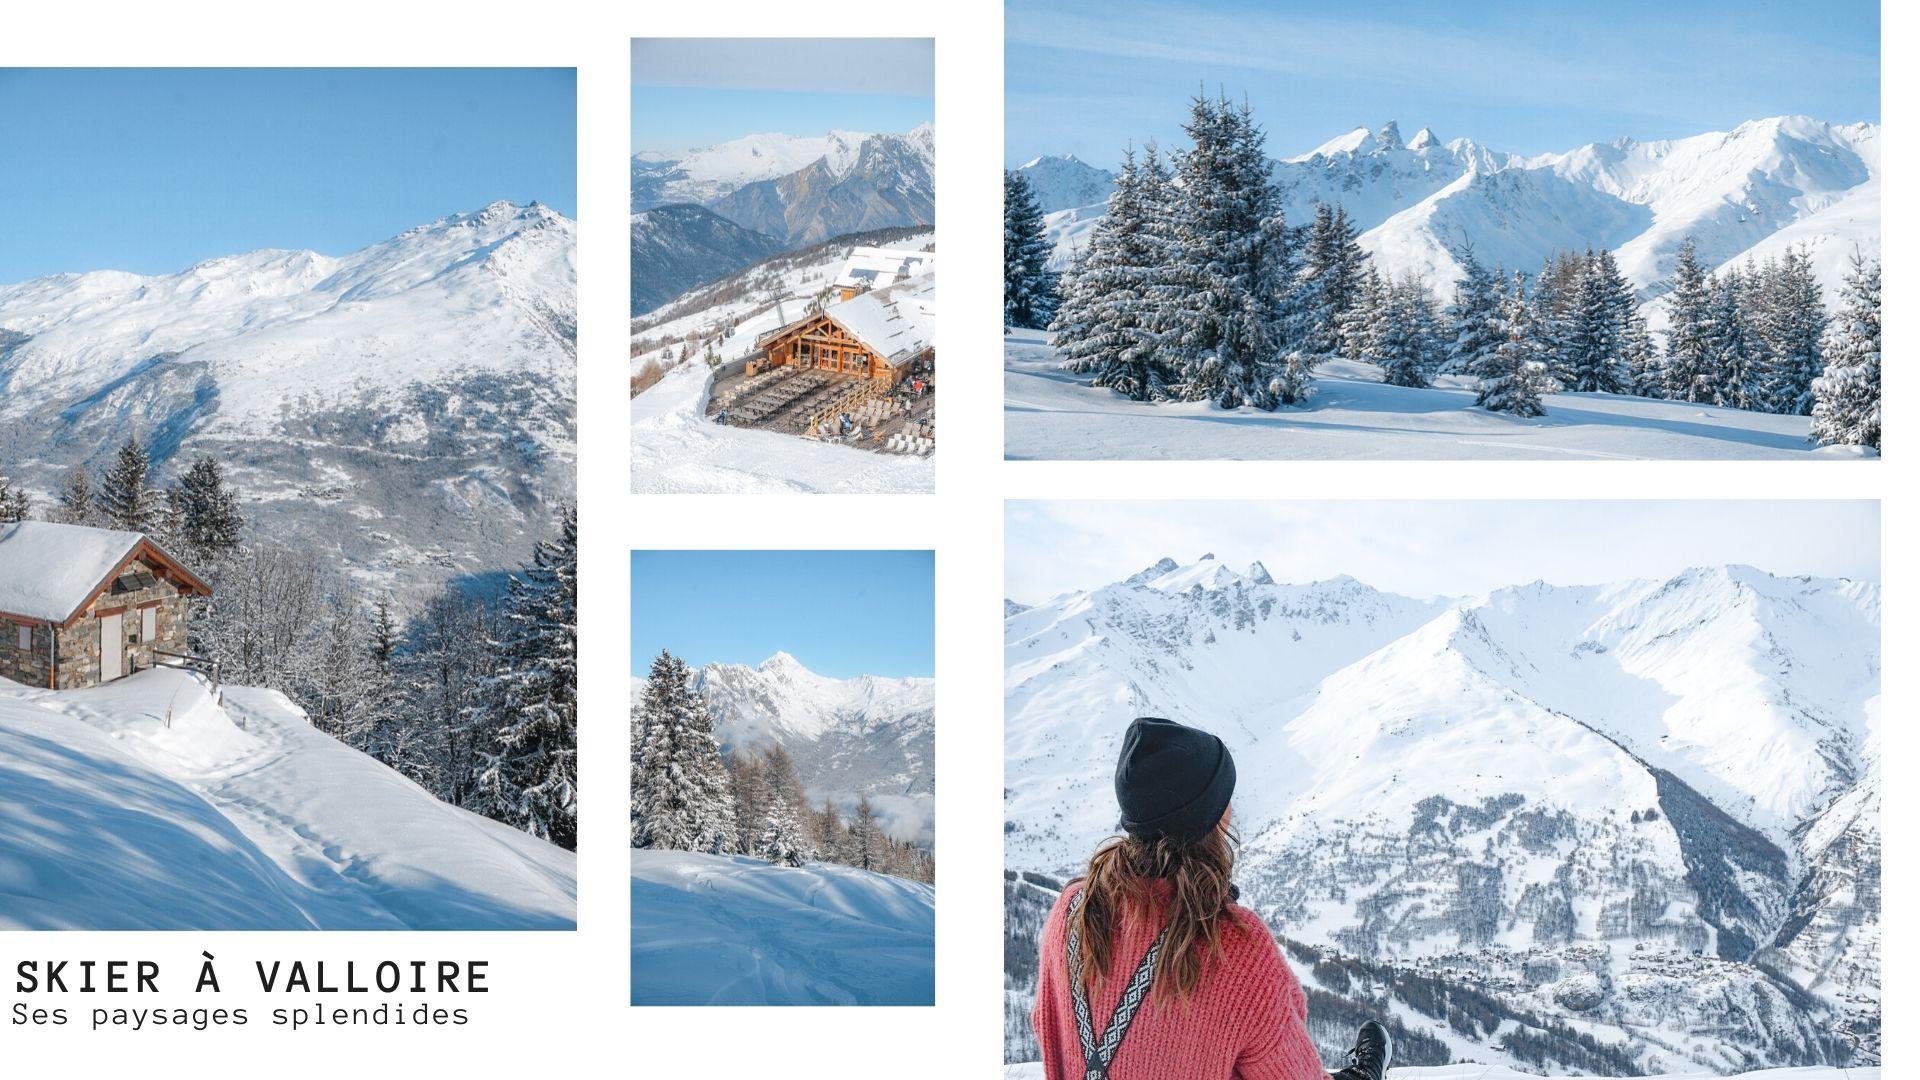 skier alpes station village familiale savoie